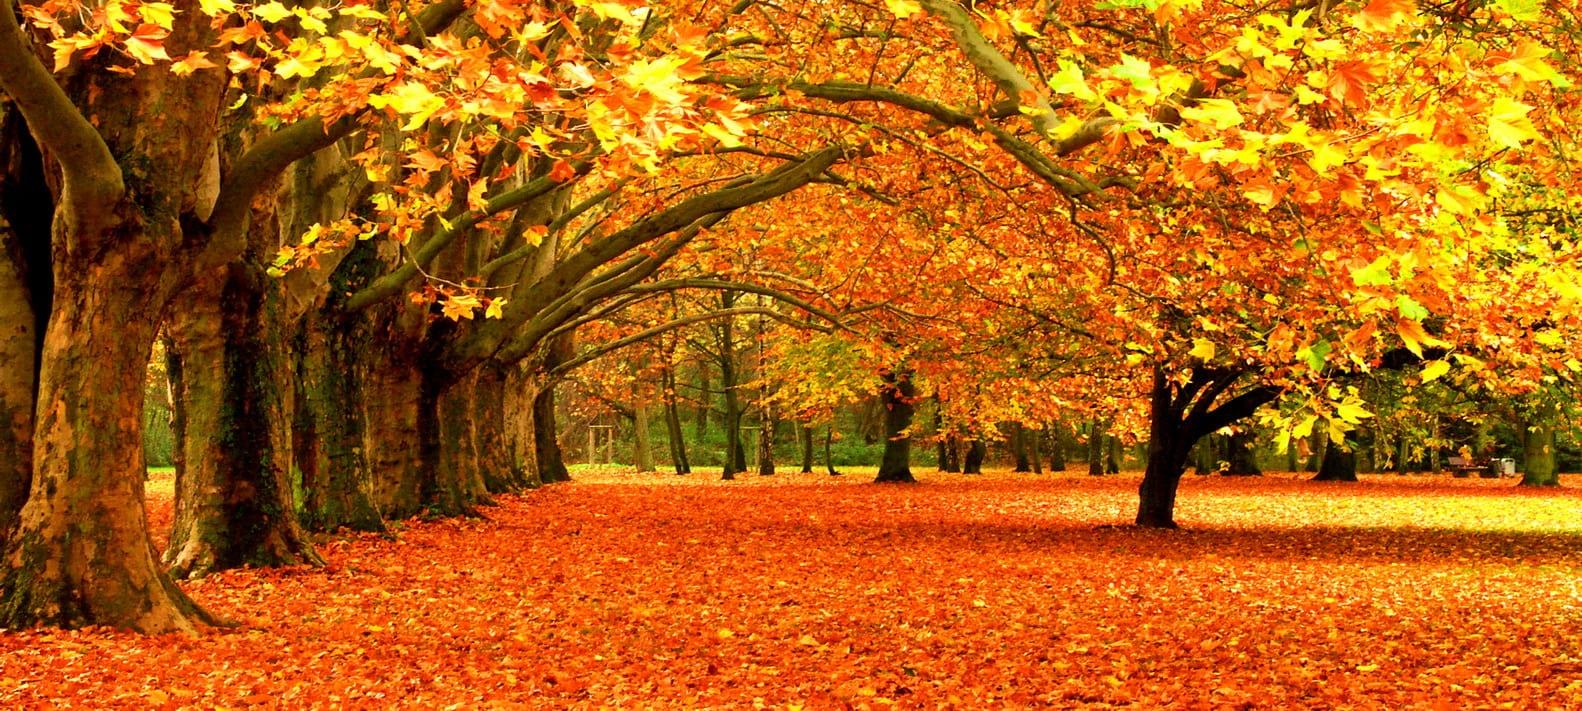 Farbenfrohe Herbstzeit , Bäume mit Herbstfärbung, Von Peter Igel Lizenzfreie Stockfotonummer: 46511 Fall in a Park